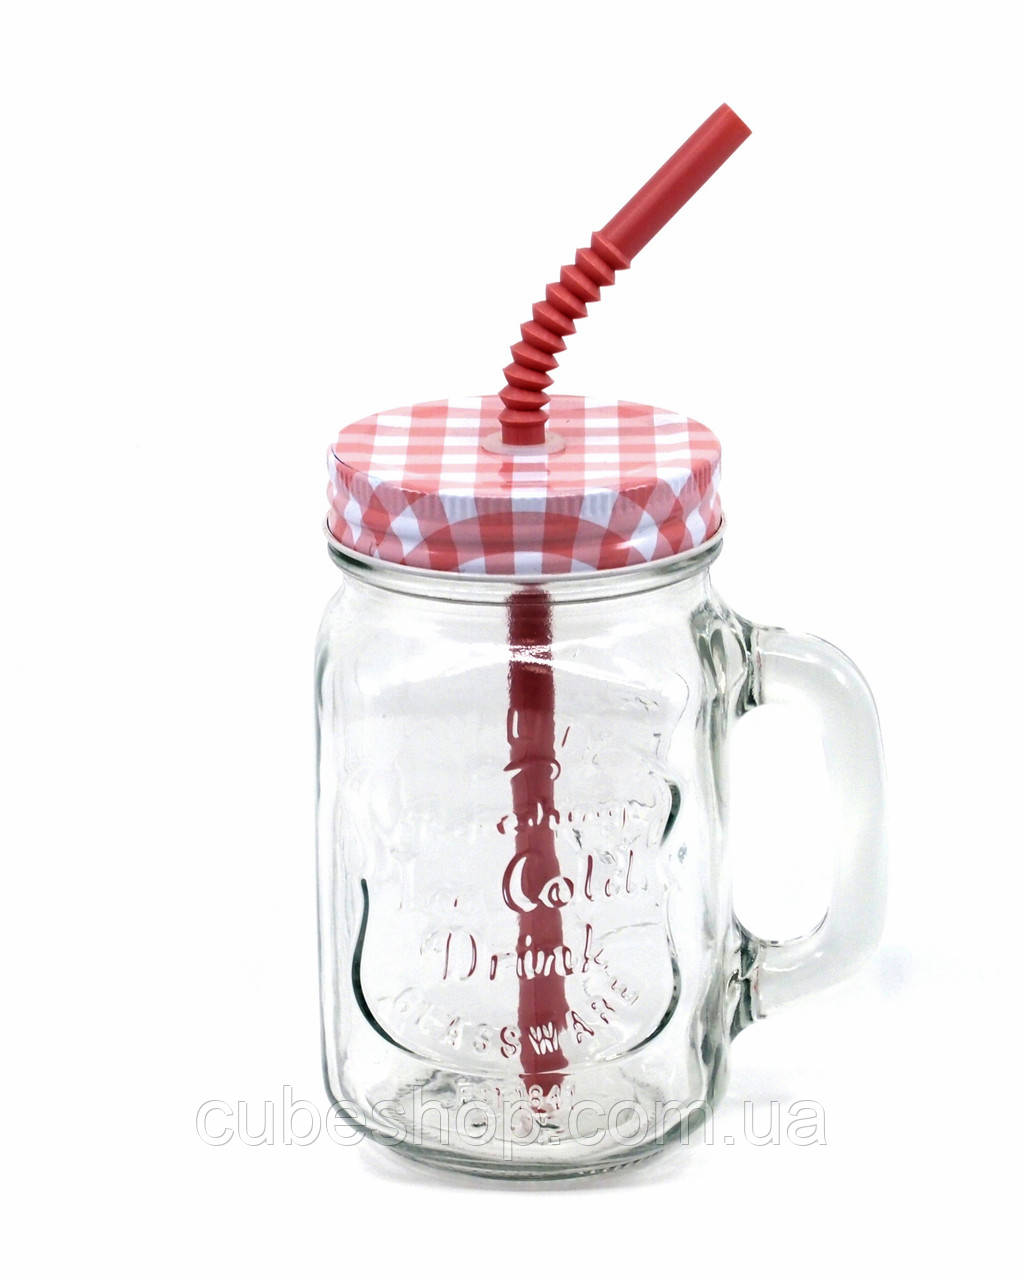 банка с ручкой Mason Jar Plaid 330 мл розовый купить в украине киеве по лучшей цене Cubeshop